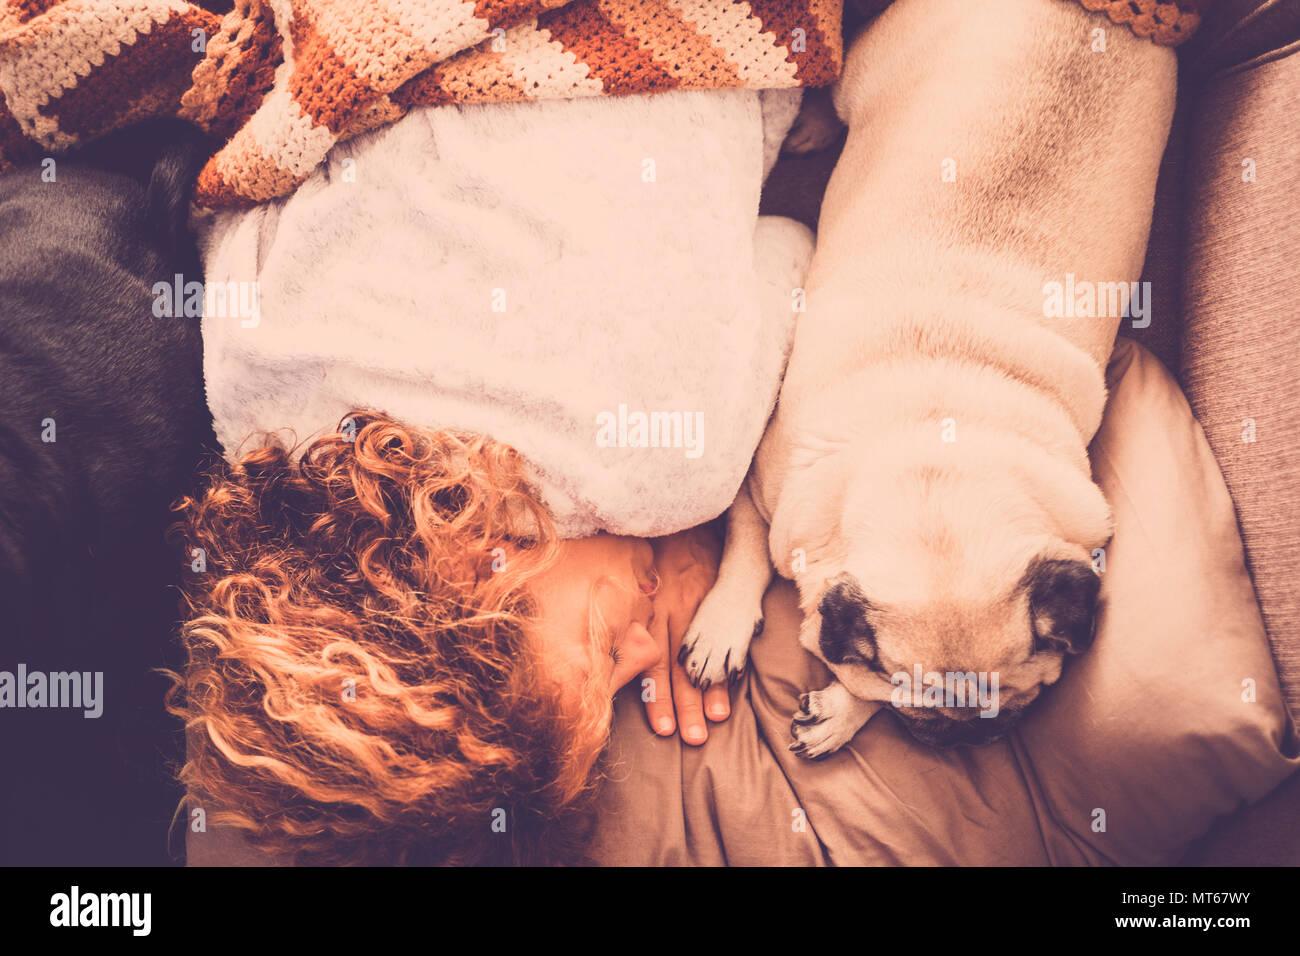 Les meilleures amies avec pug dog nice et de beaux cheveux swirl caucasian woman dormir ensemble dans la matinée sur le canapé. concept d'amitié absolue Photo Stock